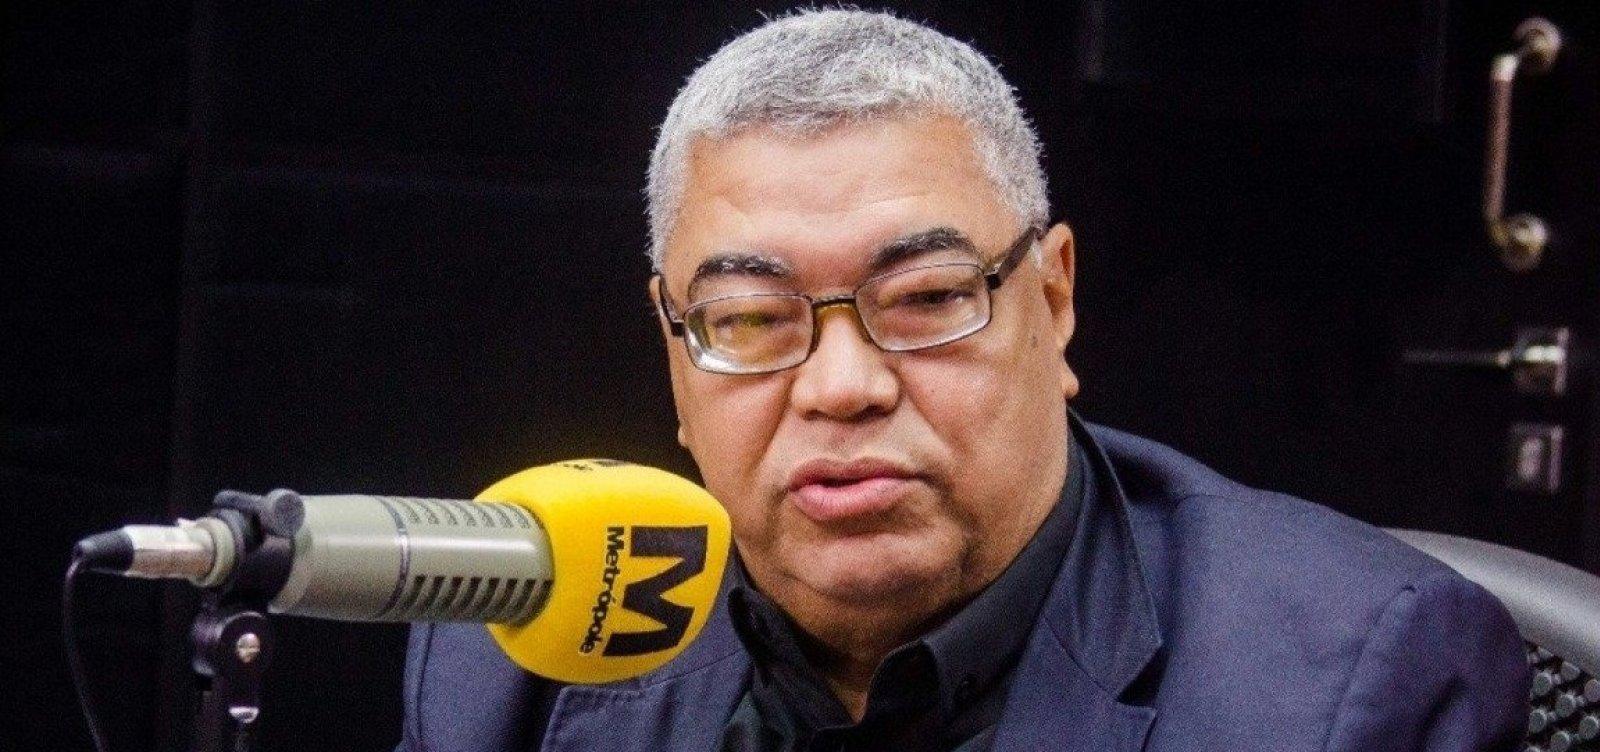 'Lei não deveria proibir aquilo que não pode coibir', diz Ismerim sobre boca de urna